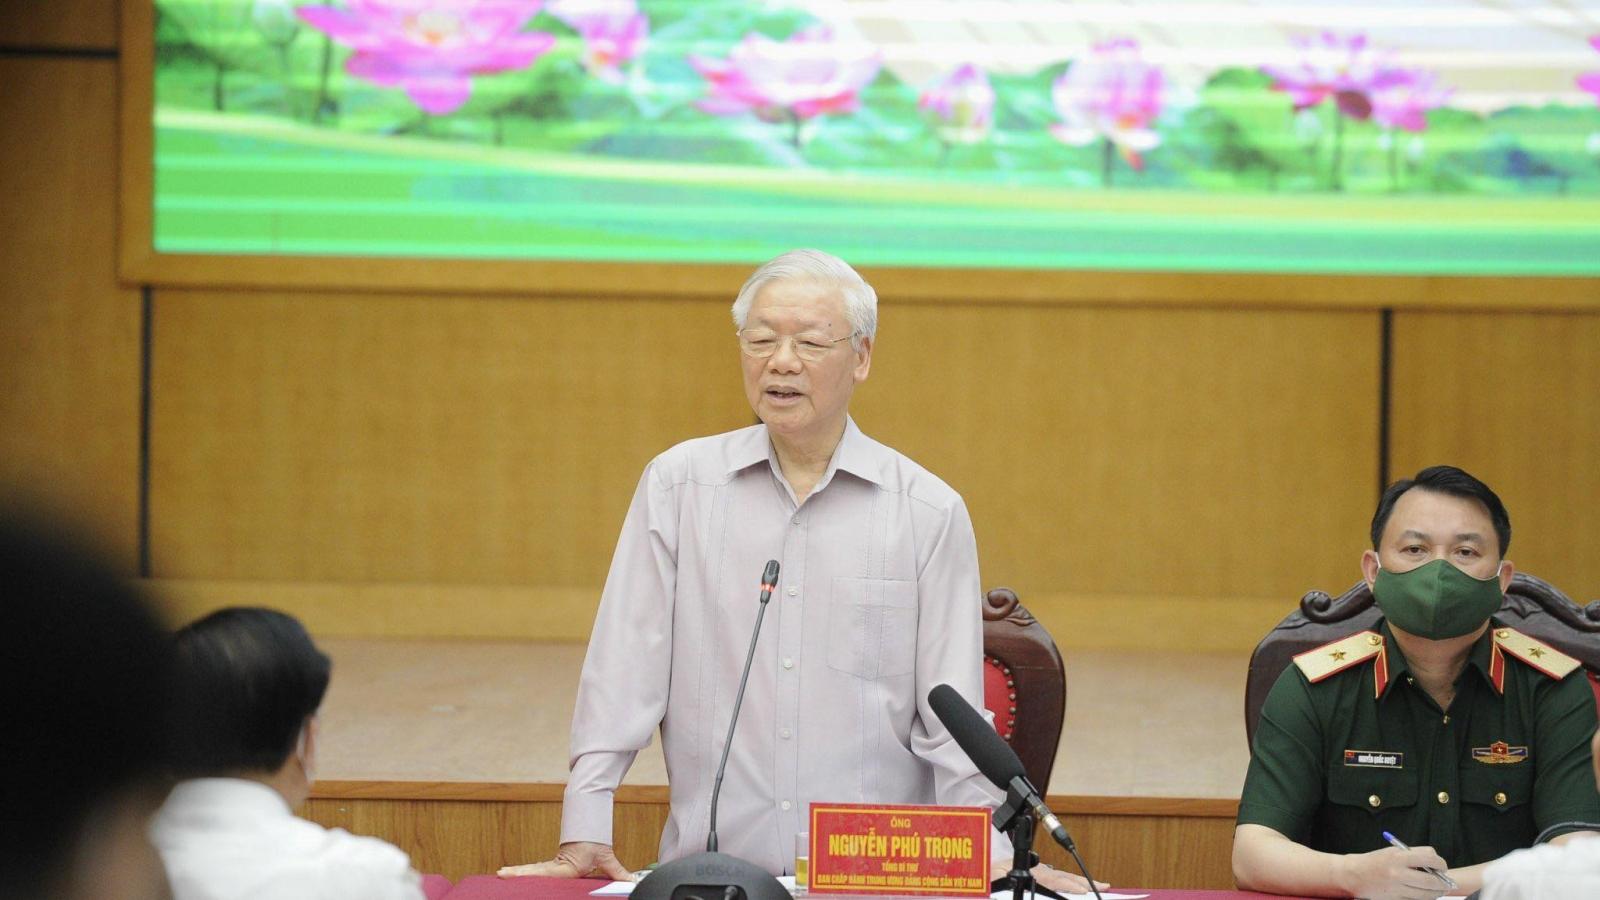 Tổng Bí thư NguyễnPhú Trọngtiến hành tiếp xúc cử tri, vận động bầu cử tại Hà Nội